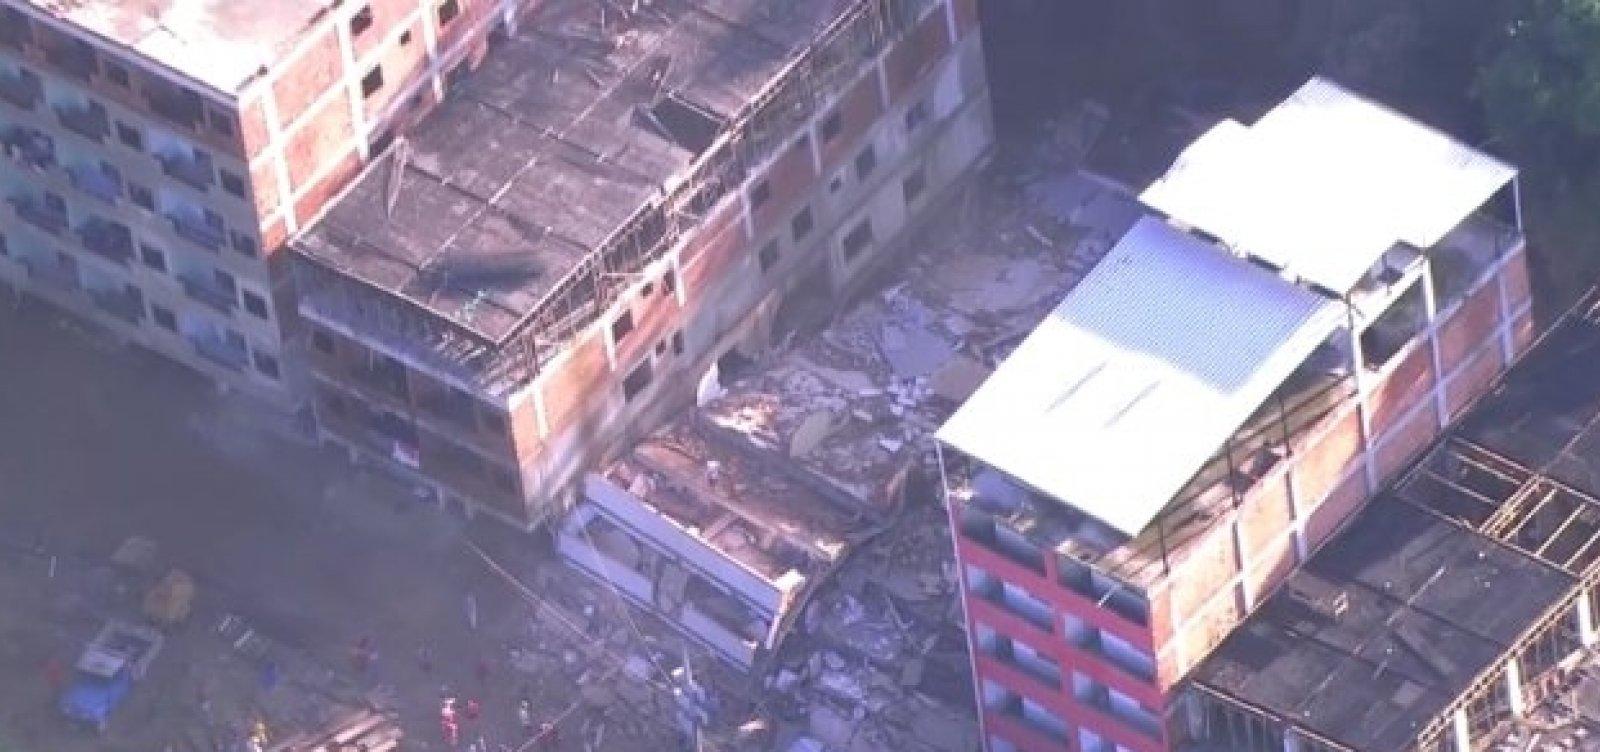 Duas pessoas morrem em desabamento no Rio de Janeiro